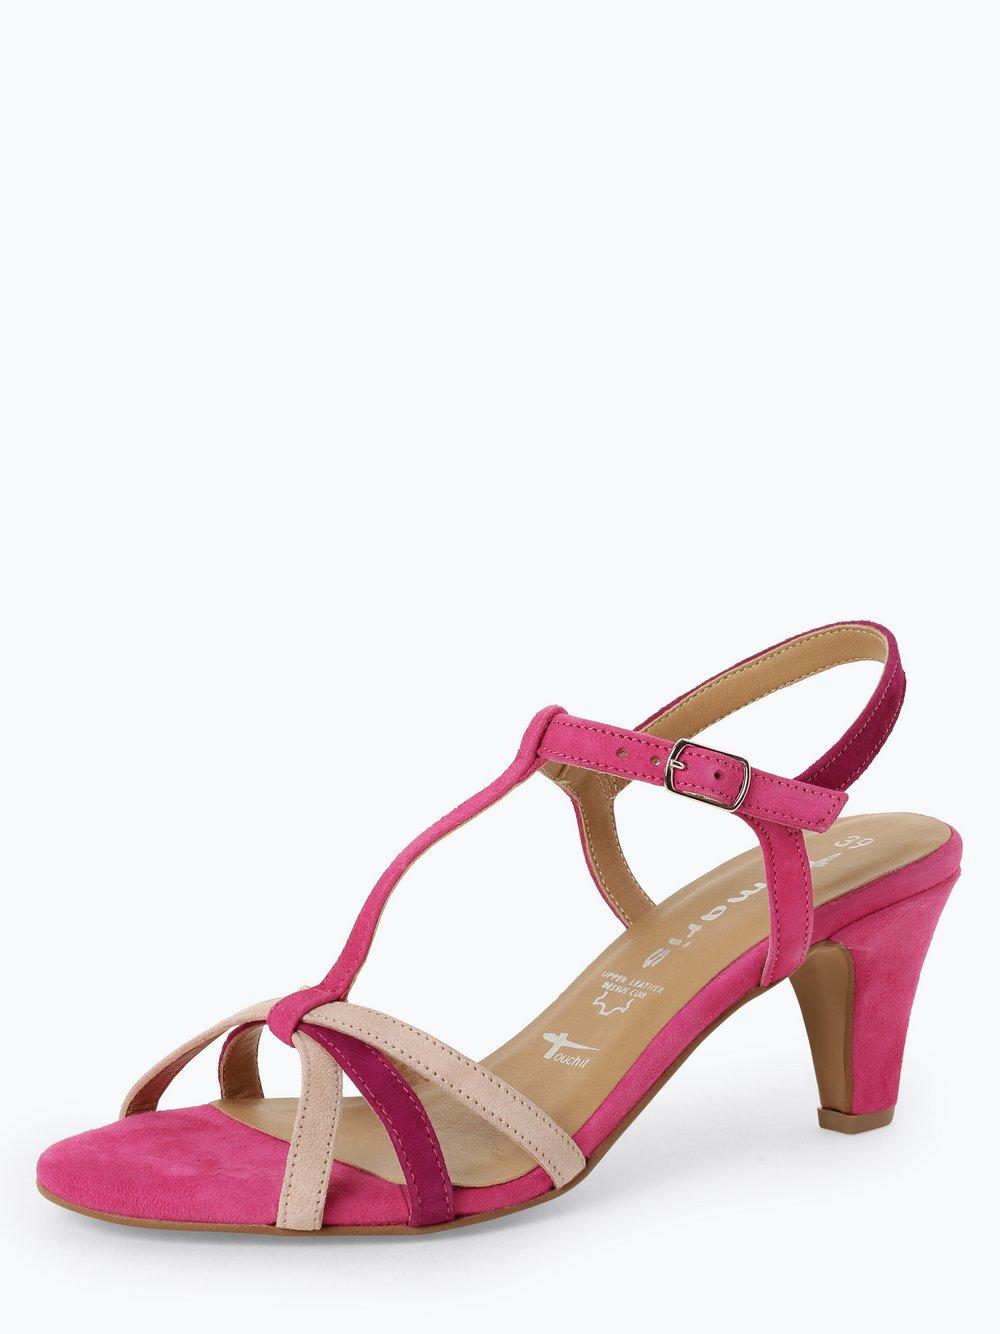 Tamaris Damen Sandaletten aus Leder online kaufen | PEEK UND